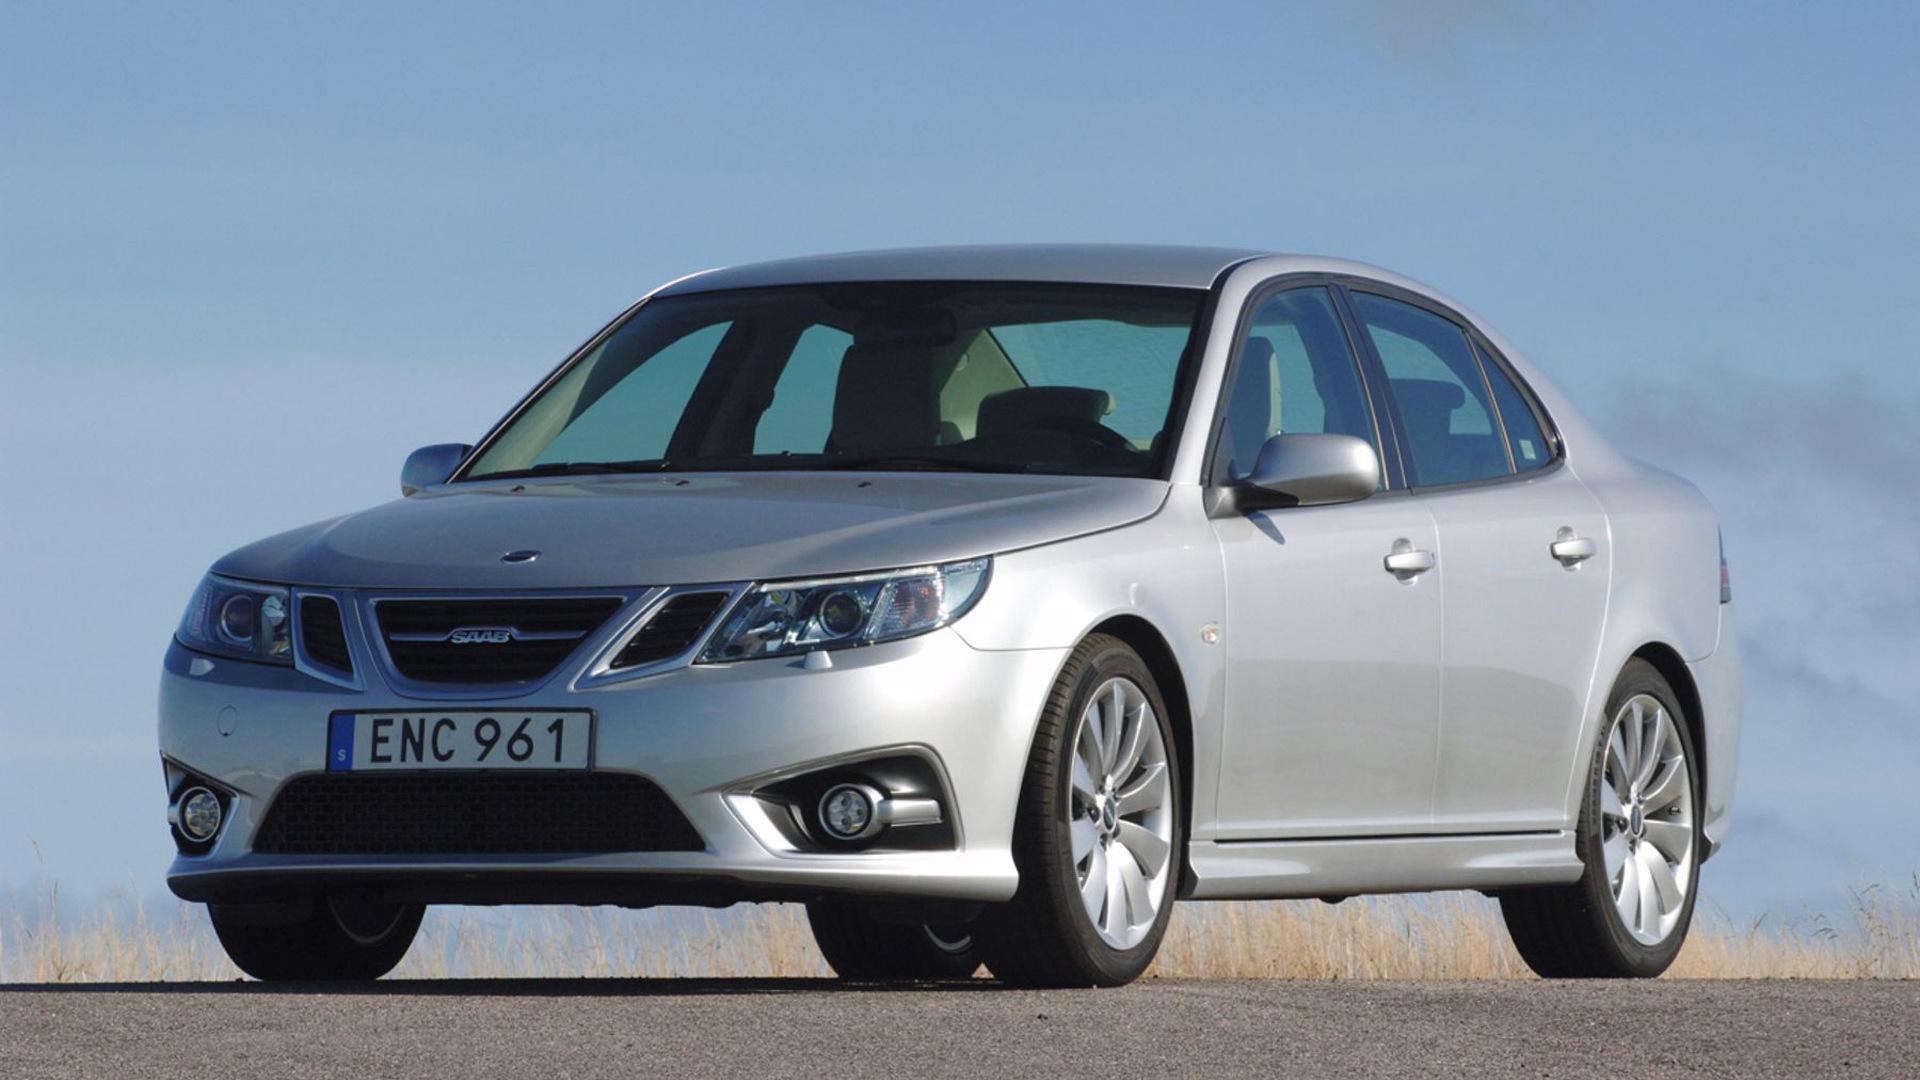 2014 Saab 9-3 Aero - The last Saab